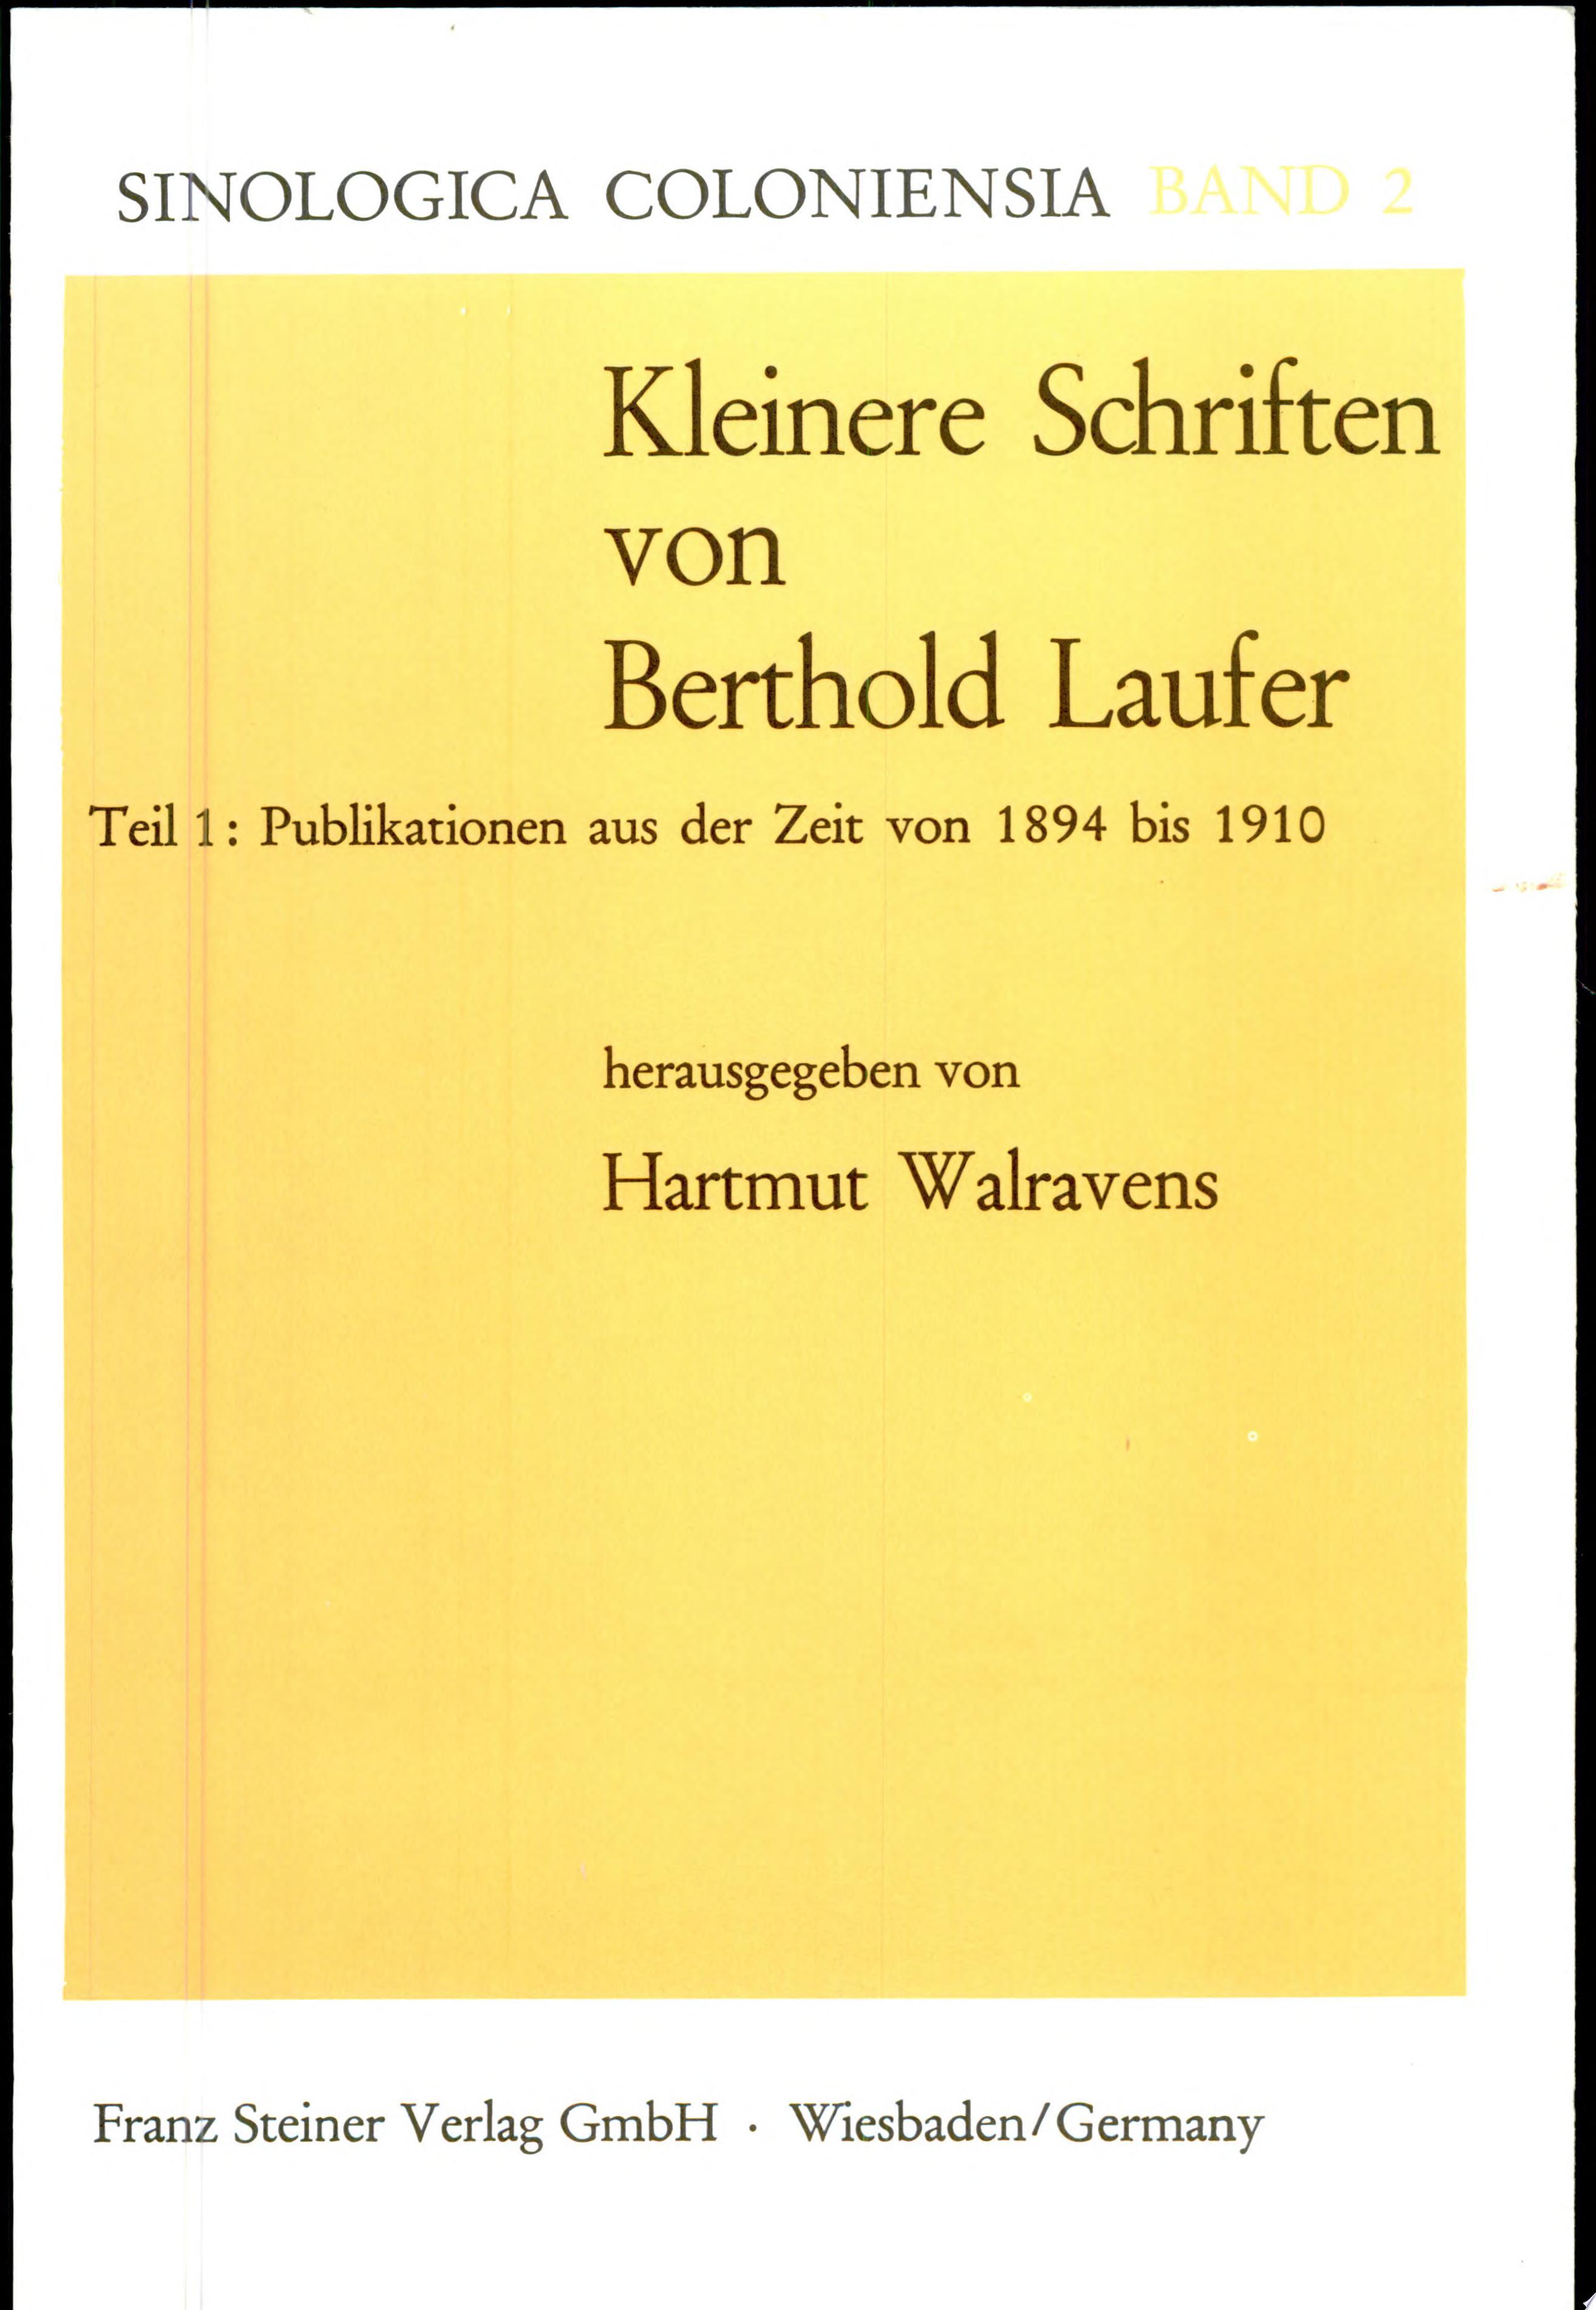 Kleinere Schriften  Publikationen aus der Zeit von 1894 bis 1910